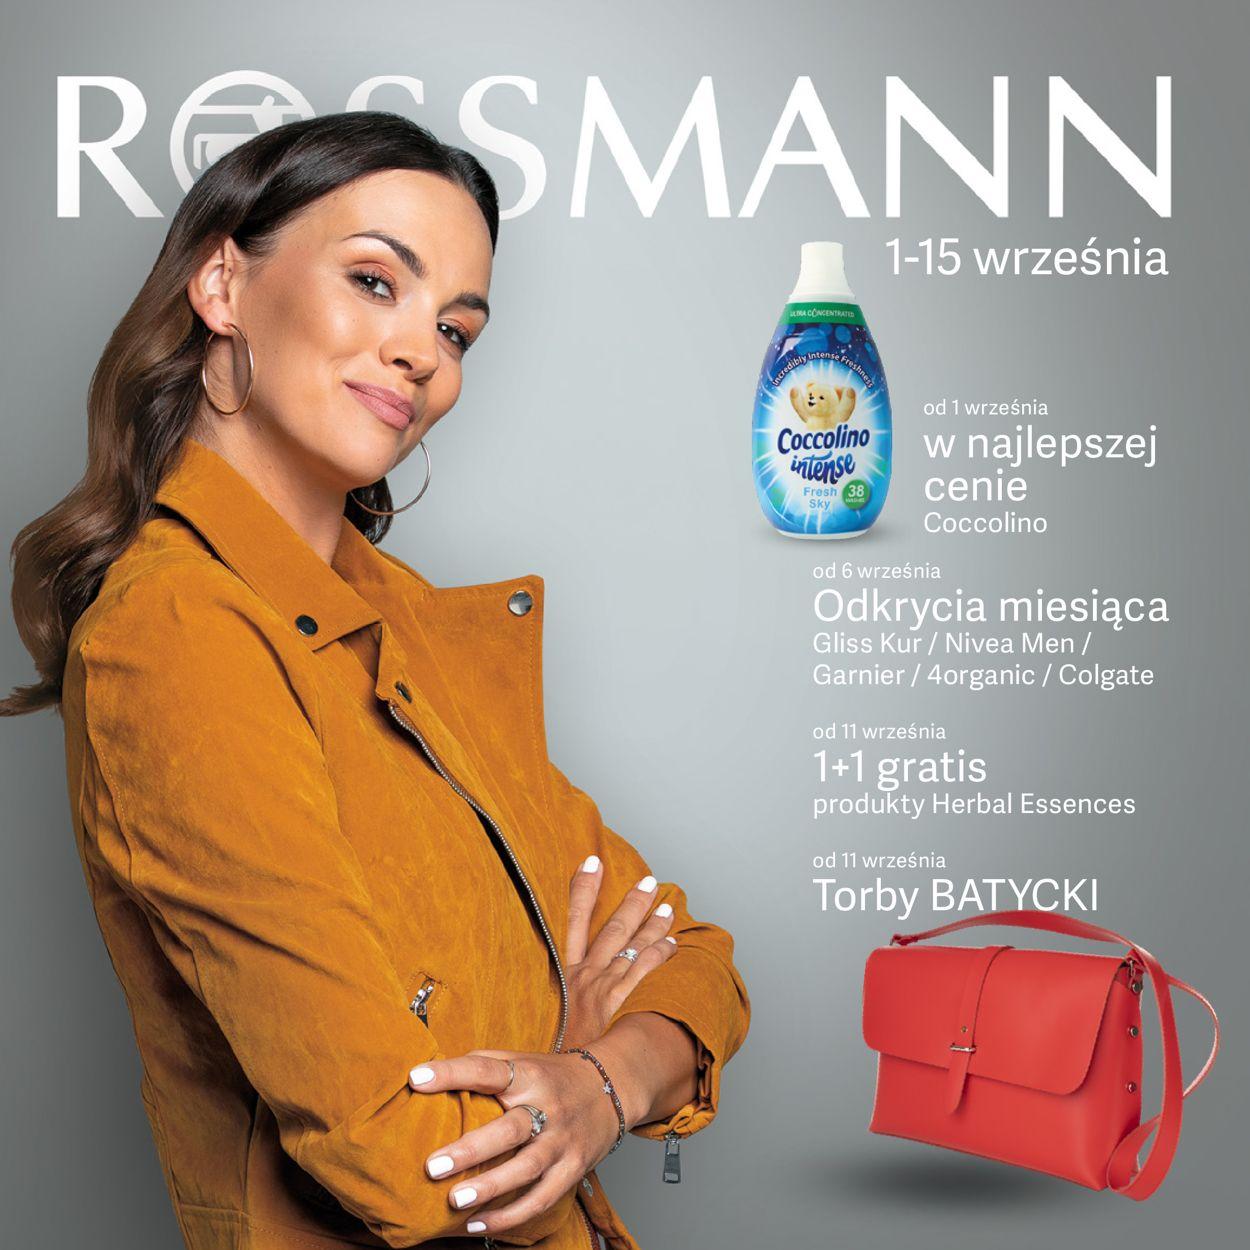 Gazetka promocyjna Rossmann - 01.09-15.09.2019